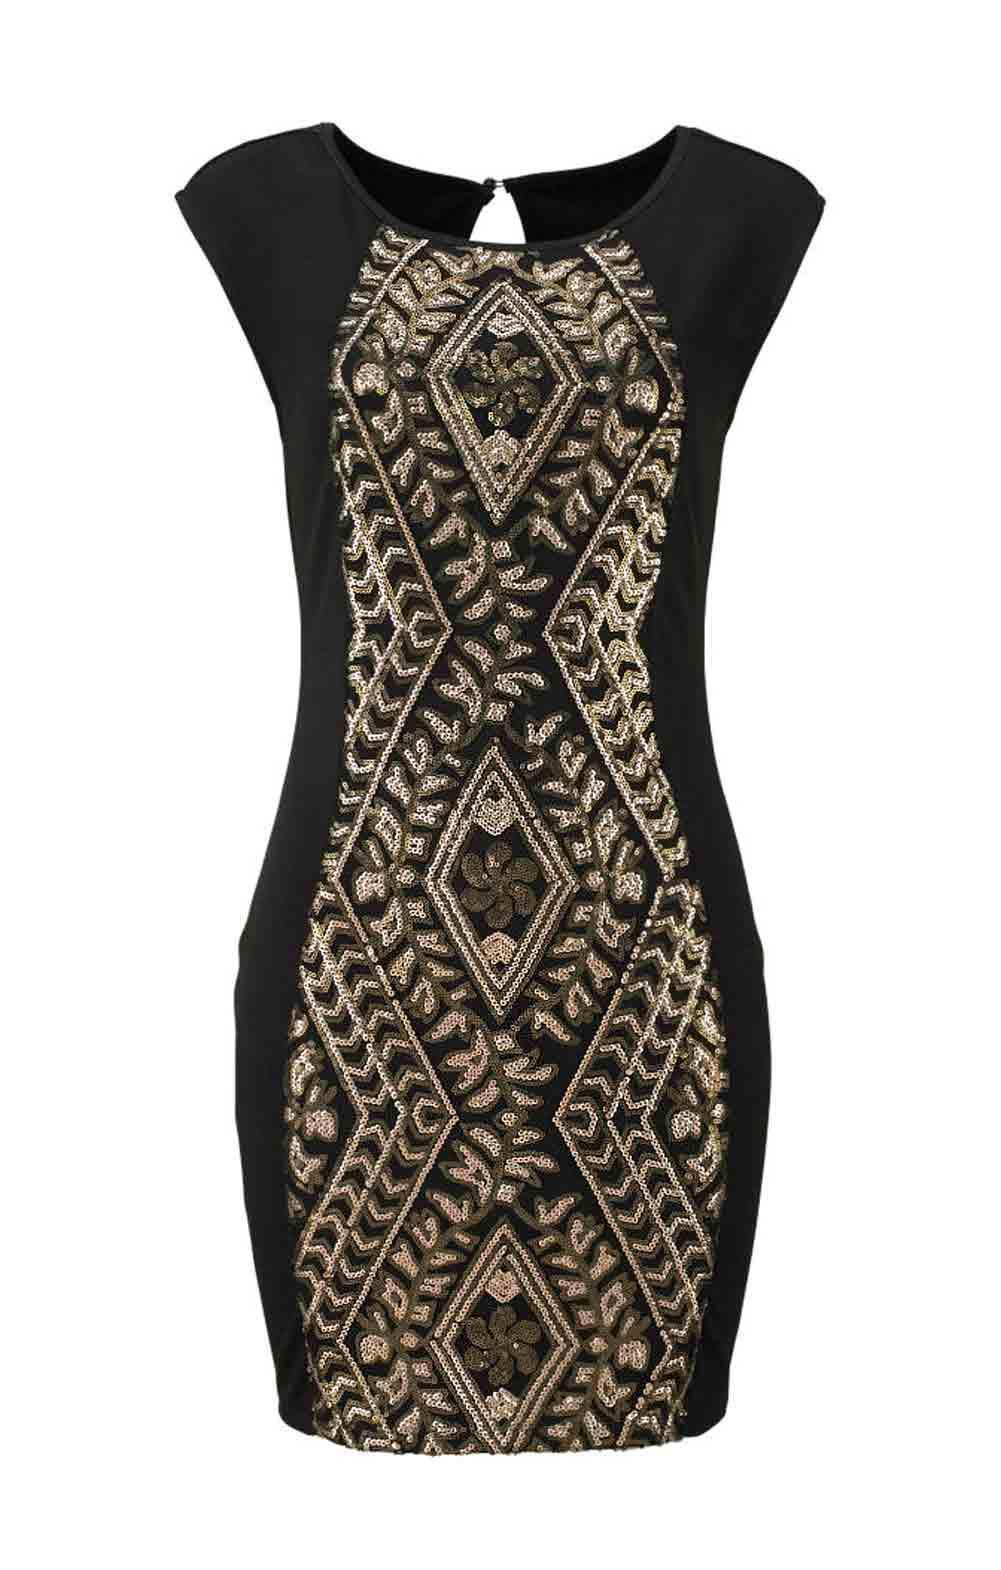 Kleid mit Pailletten schwarz-gold | Kleider | Outlet Mode-Shop